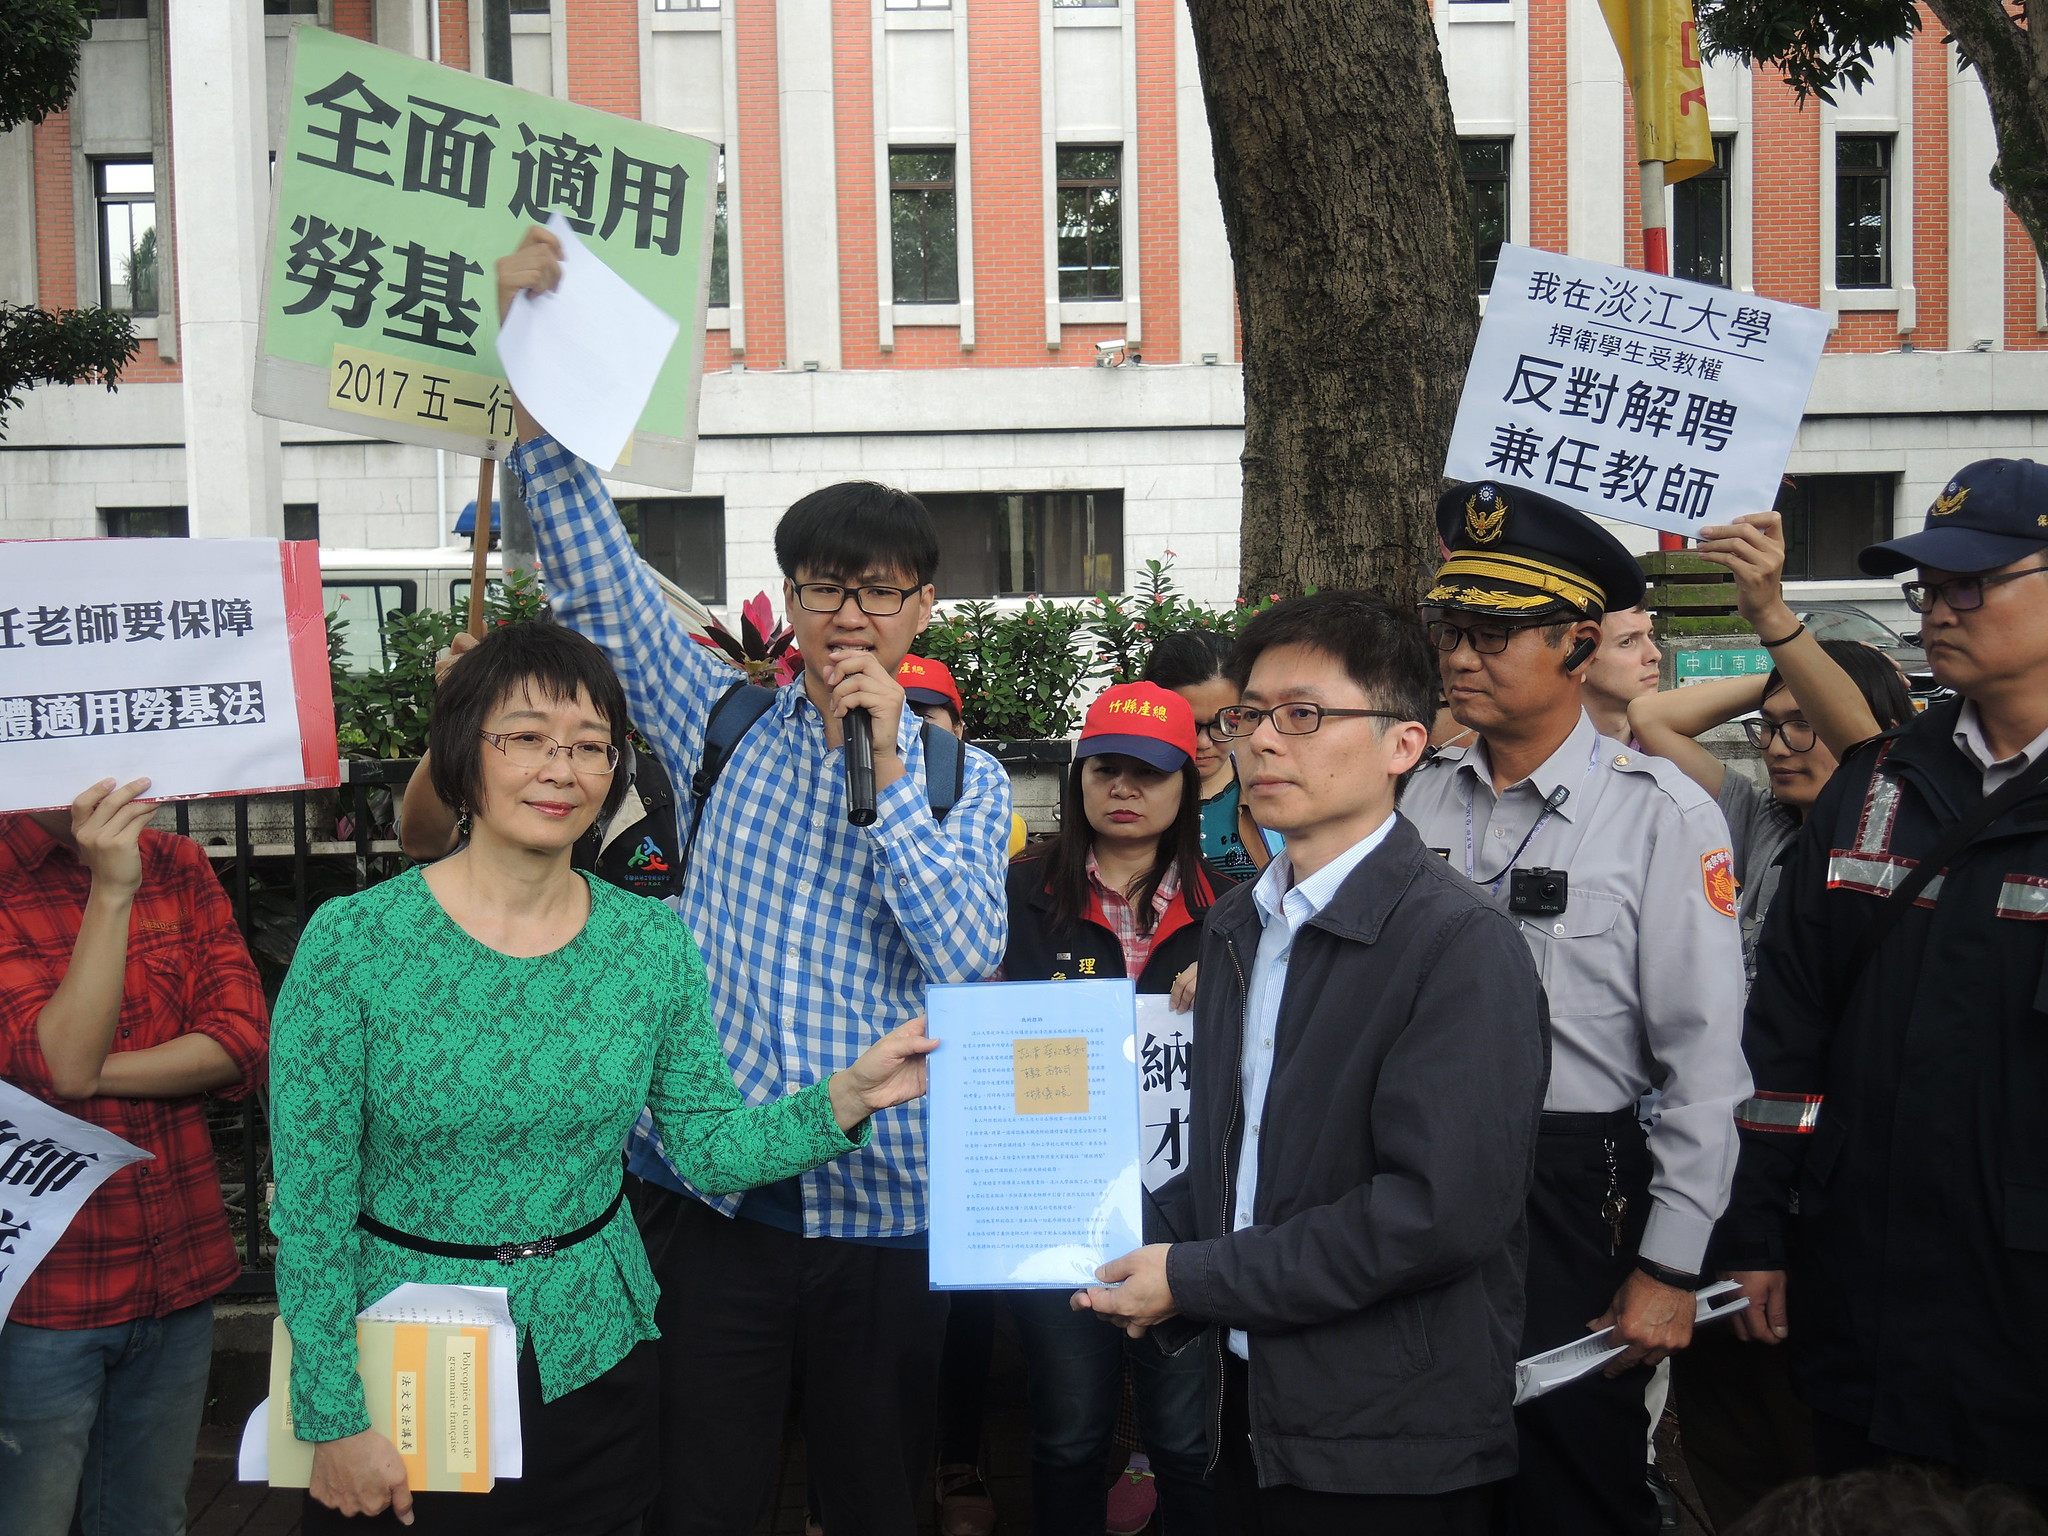 教育部高教司科長吳志偉出面接受陳情,並表示會盡速了解淡江個案。(攝影:曾福全)